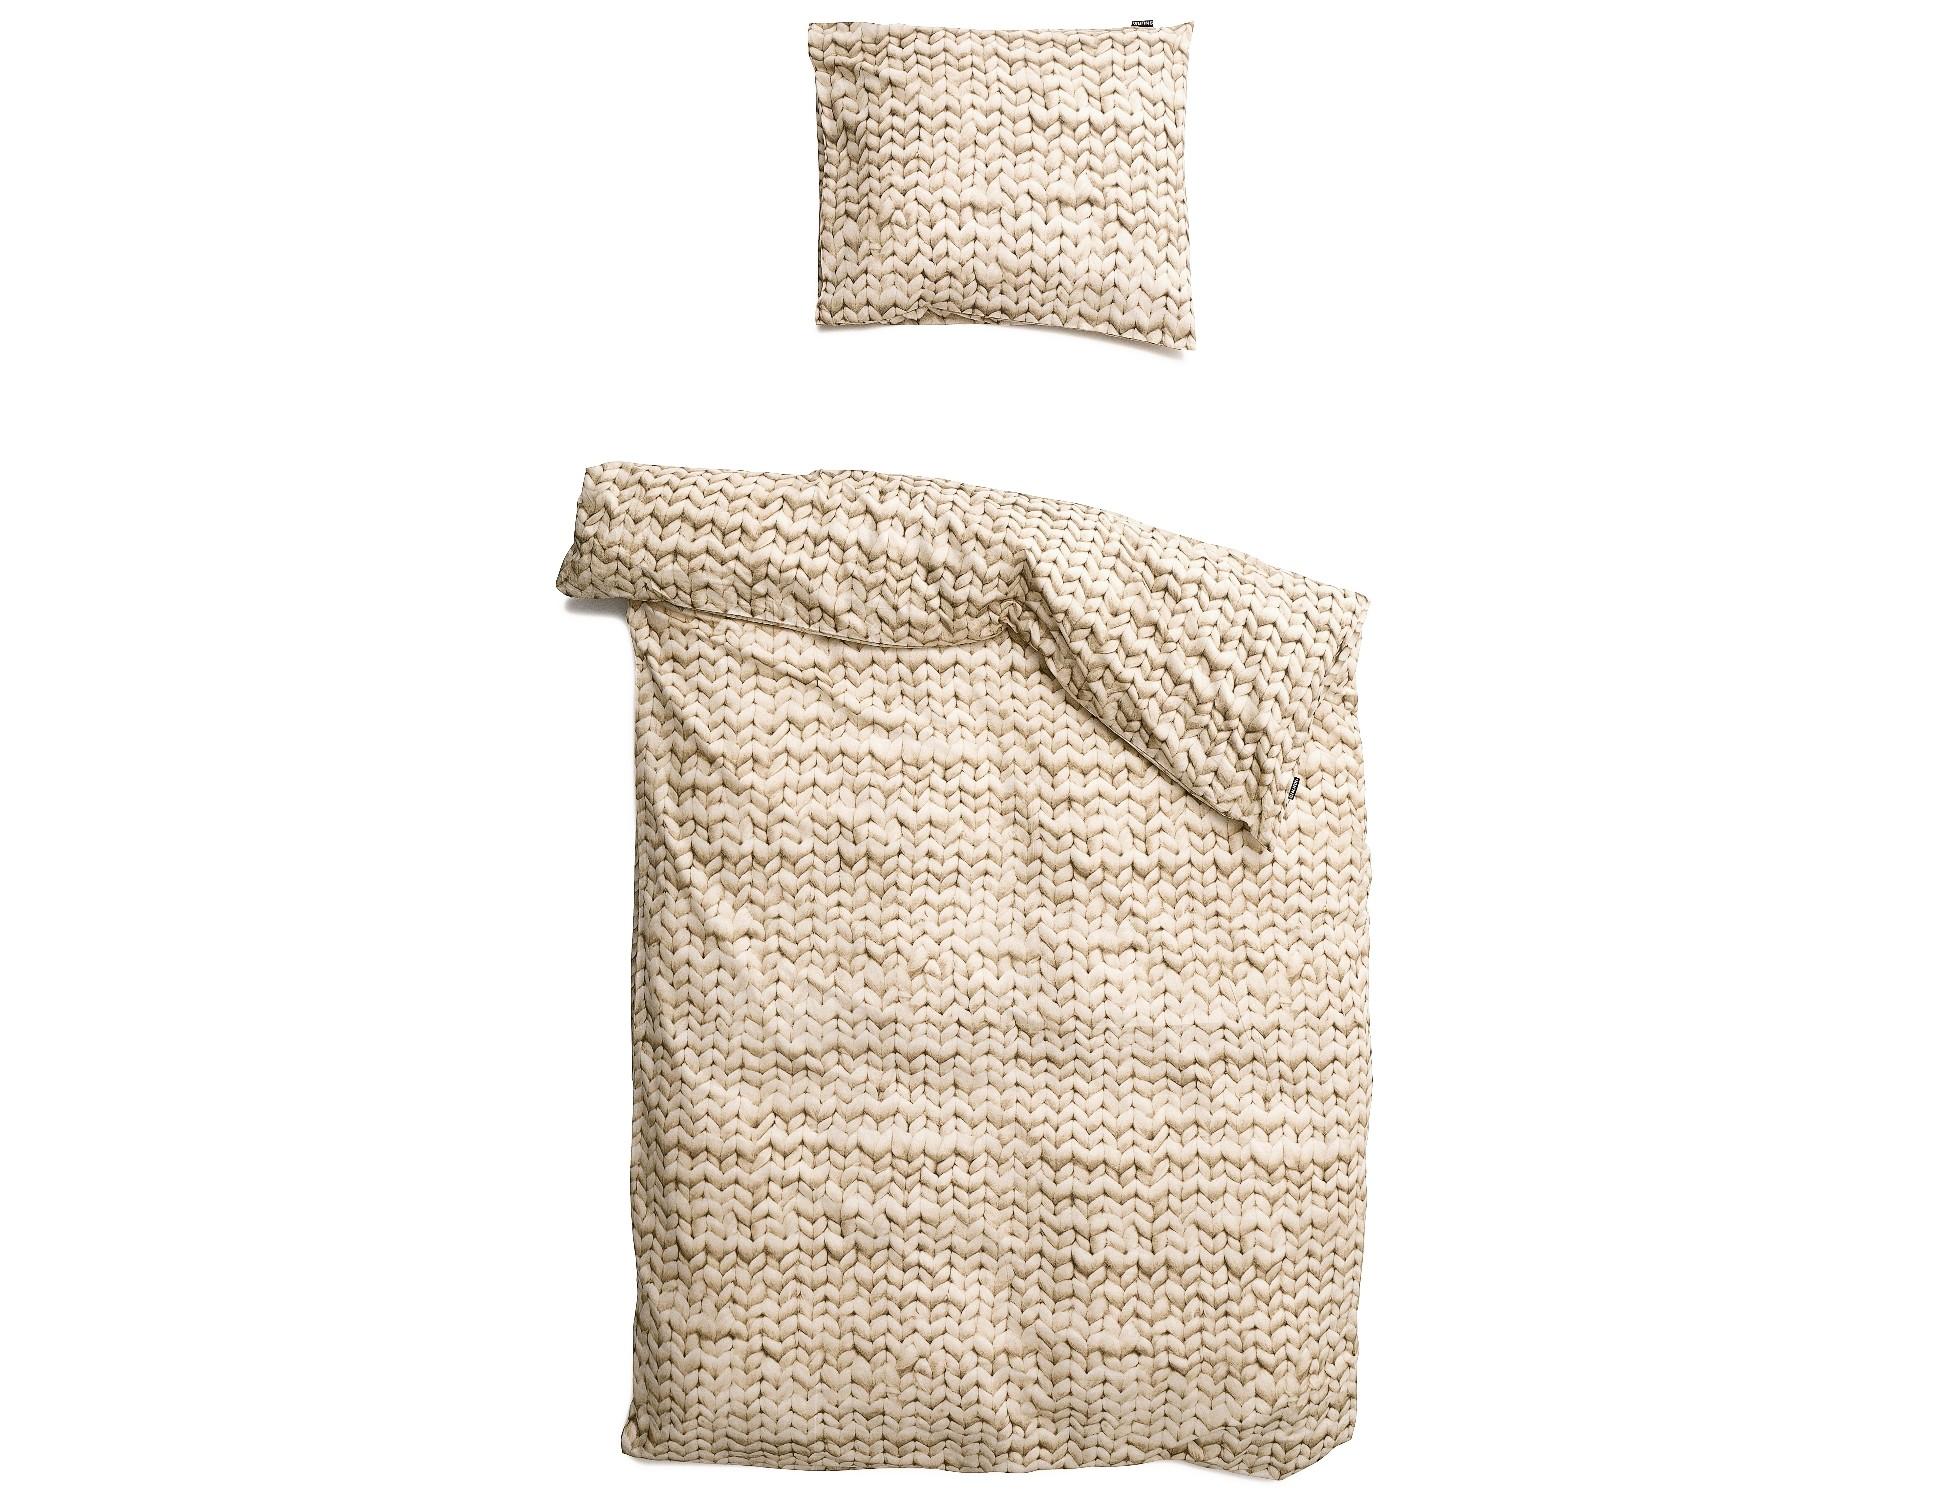 Комплект постельного белья Косичка бежевыйПолутороспальные комлпекты постельного белья<br>Этот мягкий узор связан очень большими спицами, а клубки шерсти были размером с баскетбольные мячи. Все для того, что бы внести уют и тепло в вашу спальню в холодные зимние ночи.&amp;amp;nbsp;&amp;lt;div&amp;gt;&amp;lt;br&amp;gt;&amp;lt;/div&amp;gt;&amp;lt;div&amp;gt;Материал: 100% хлопок ПЕРКАЛЬ (плотность ткани 214г/м2).&amp;amp;nbsp;&amp;lt;/div&amp;gt;&amp;lt;div&amp;gt;&amp;lt;span style=&amp;quot;line-height: 1.78571;&amp;quot;&amp;gt;В комплект входит: пододеяльник 150х200 см - 1 шт, наволочка 50х70 см - 1 шт.&amp;lt;/span&amp;gt;&amp;lt;/div&amp;gt;<br><br>Material: Хлопок<br>Ширина см: 150<br>Глубина см: 200